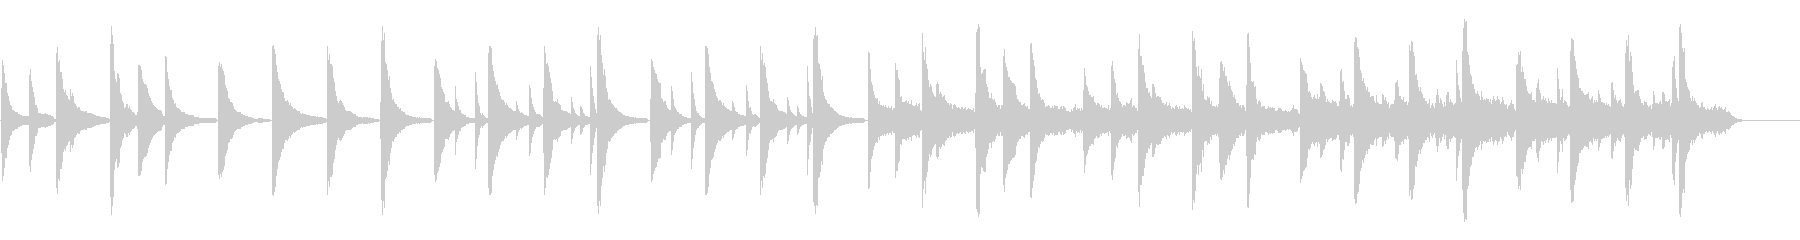 ノスタルジック ピアノ インストの未再生の波形